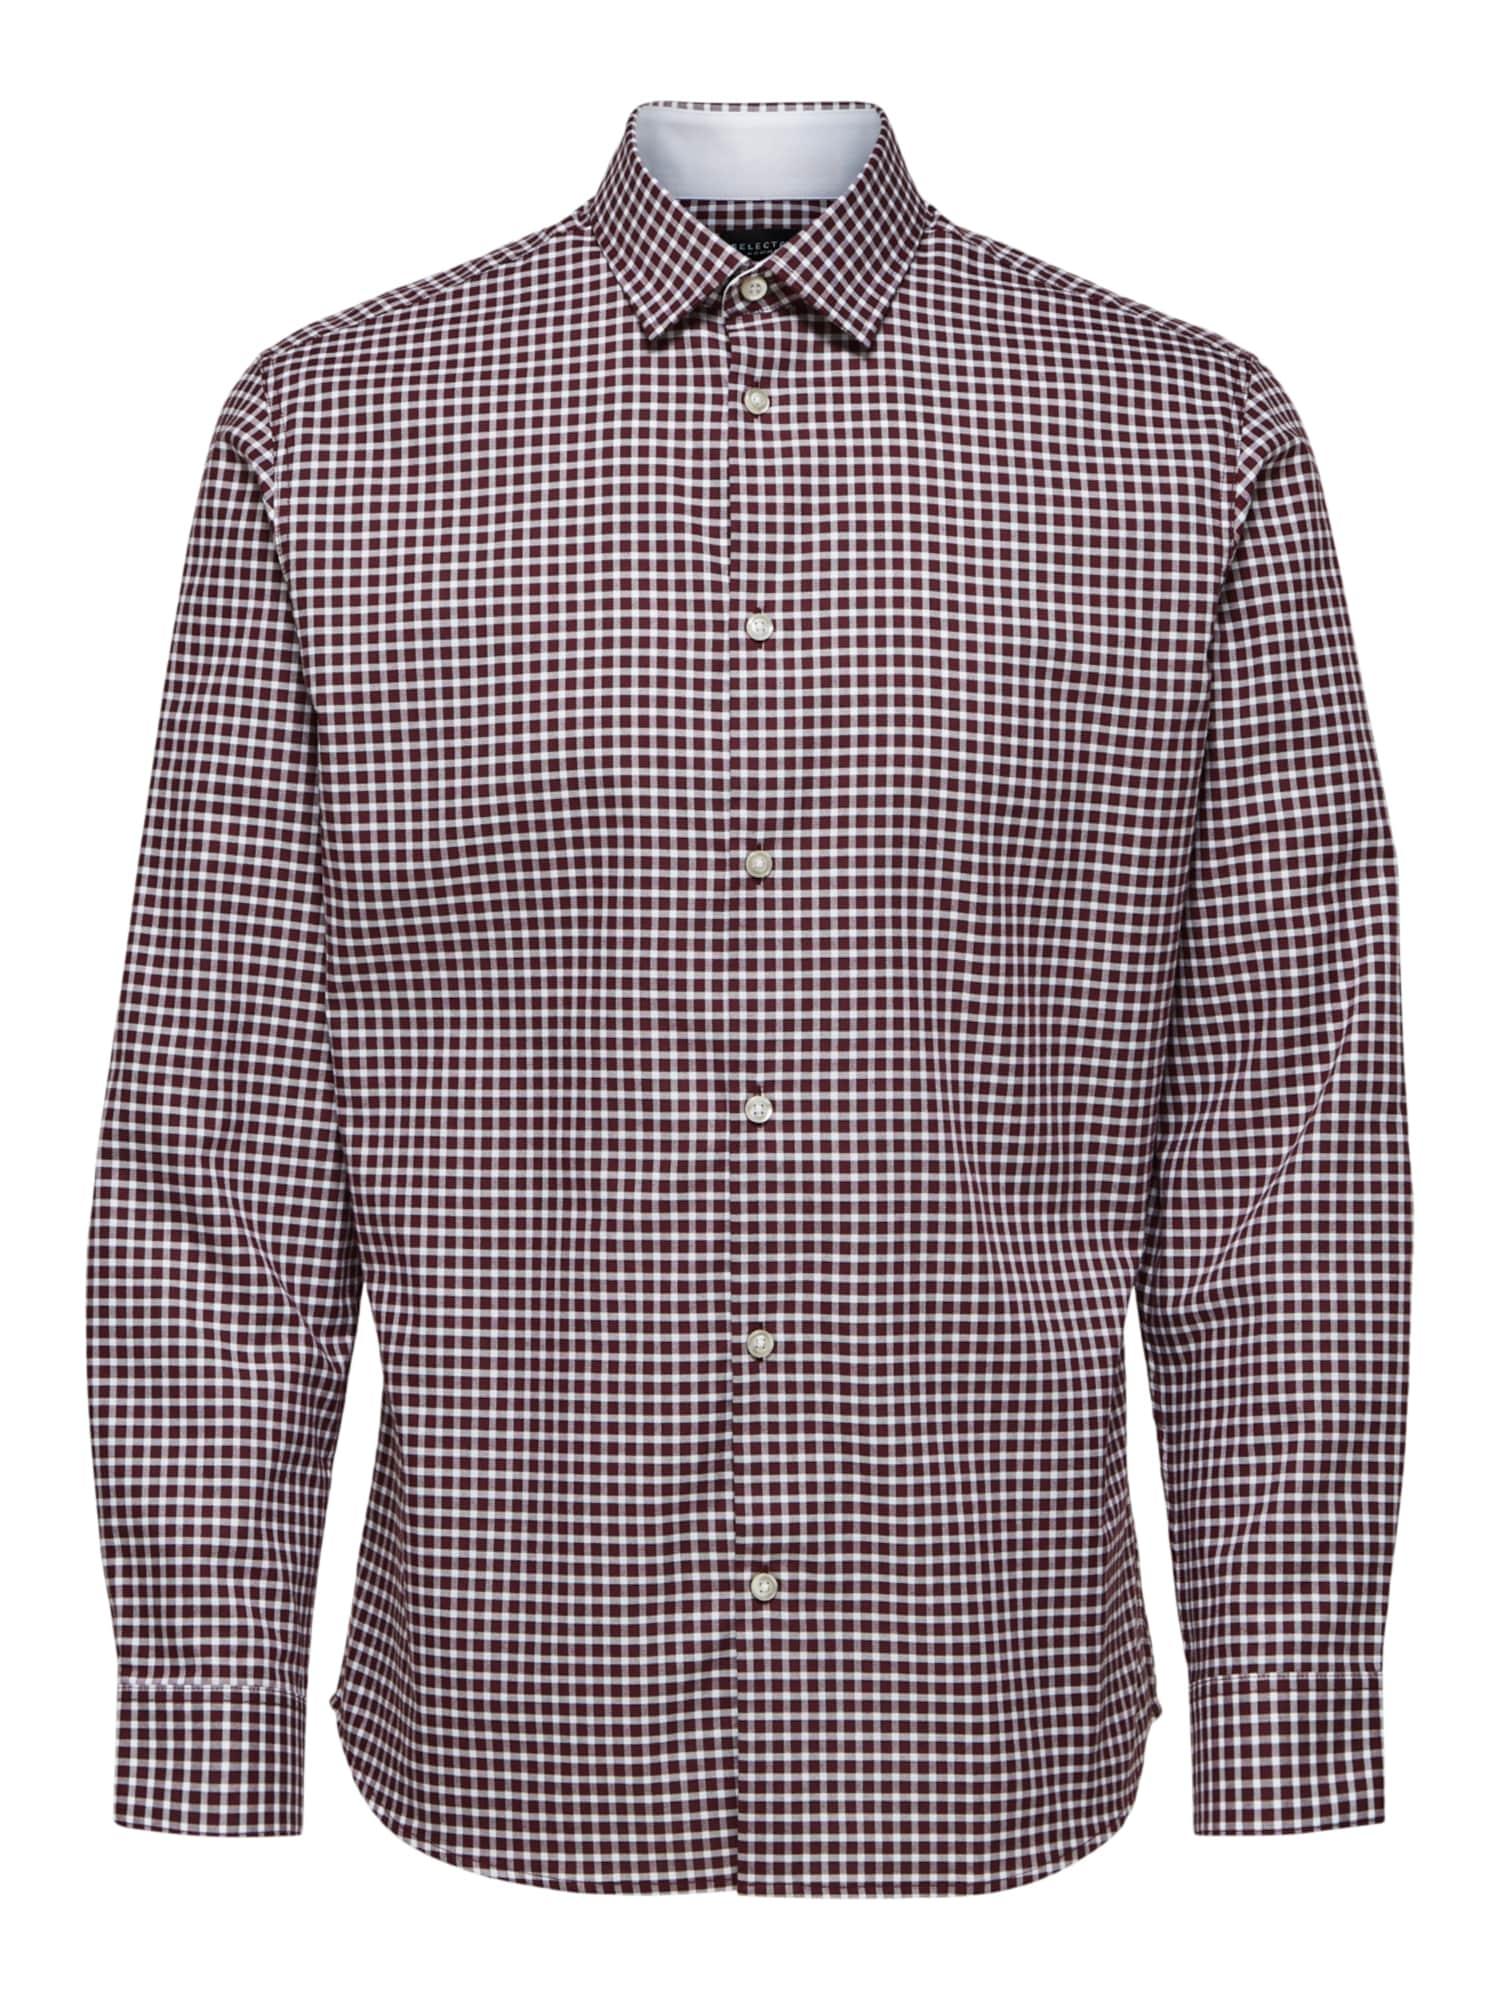 SELECTED HOMME Dalykinio stiliaus marškiniai raudona / balta